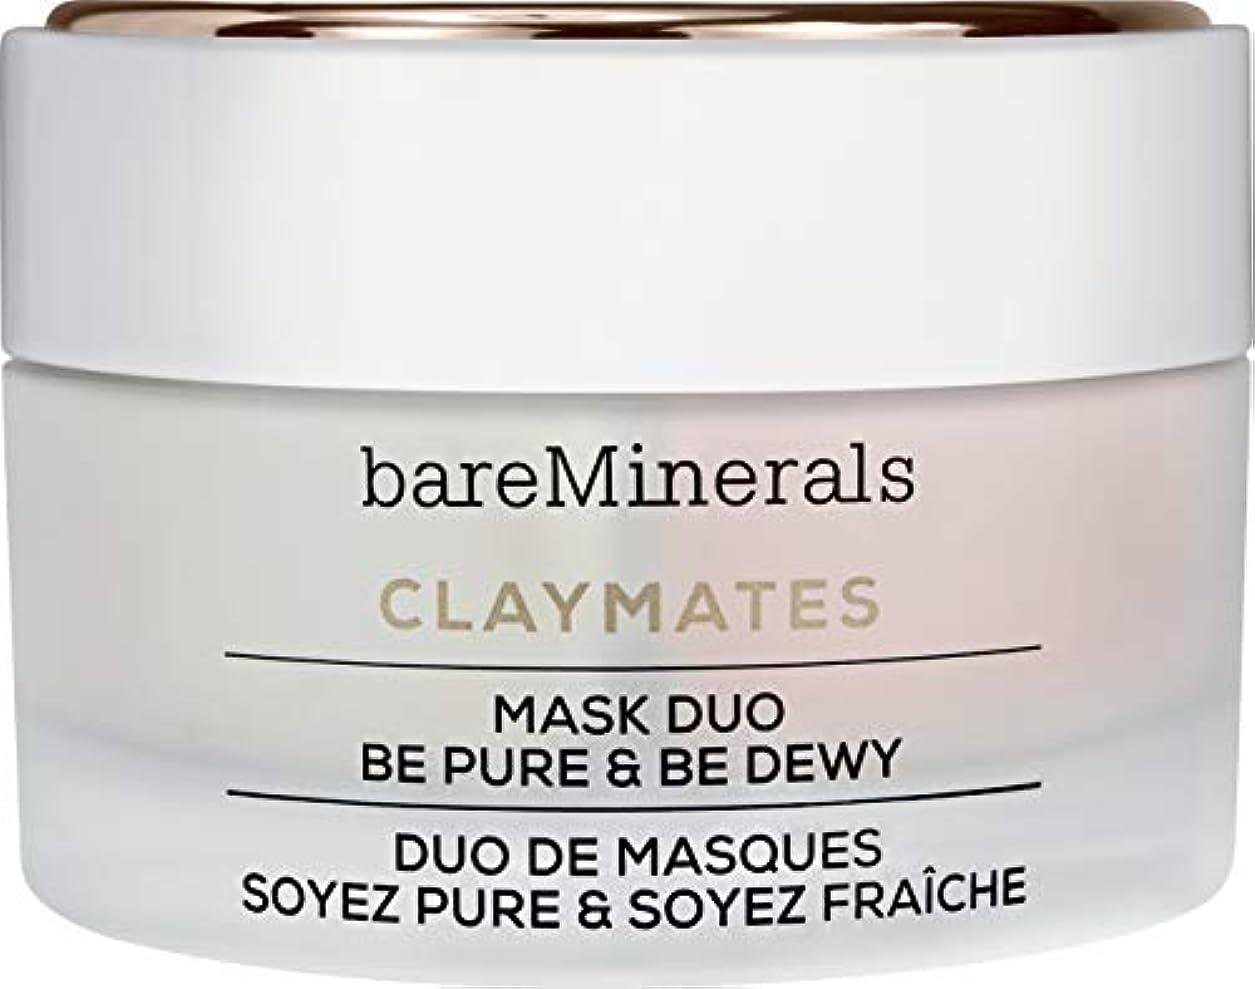 五放つおもてなしベアミネラル Claymates Be Pure & Be Dewy Mask Duo 58g/2.04oz並行輸入品